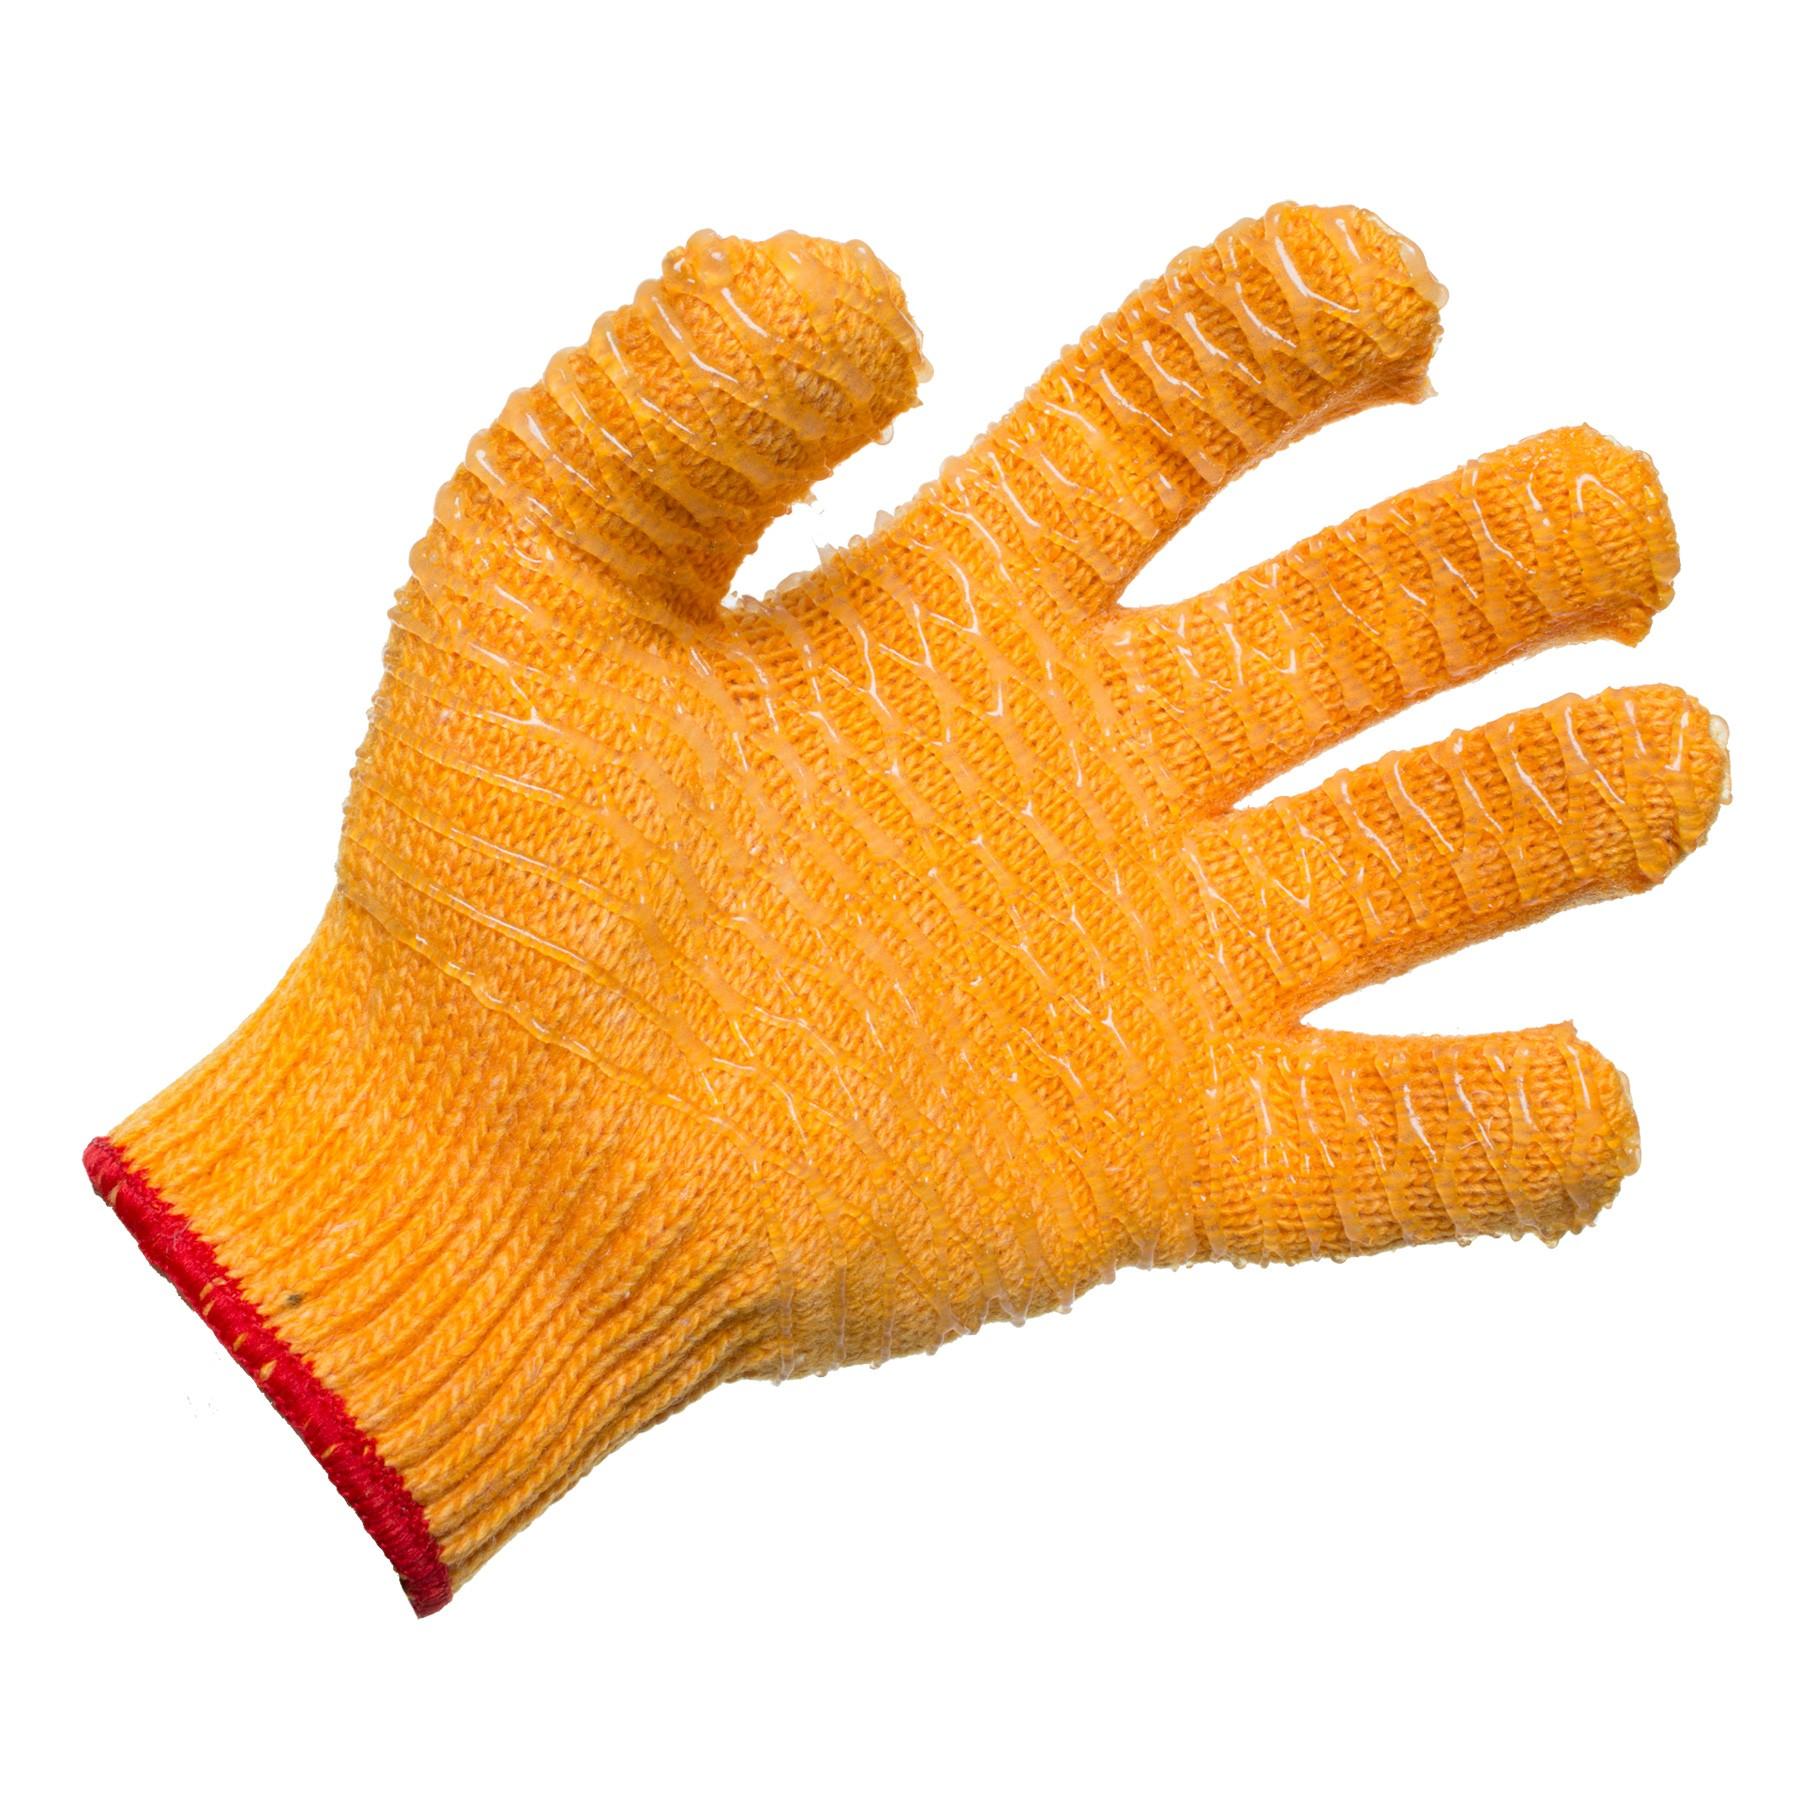 orange lobstering gloves Palm